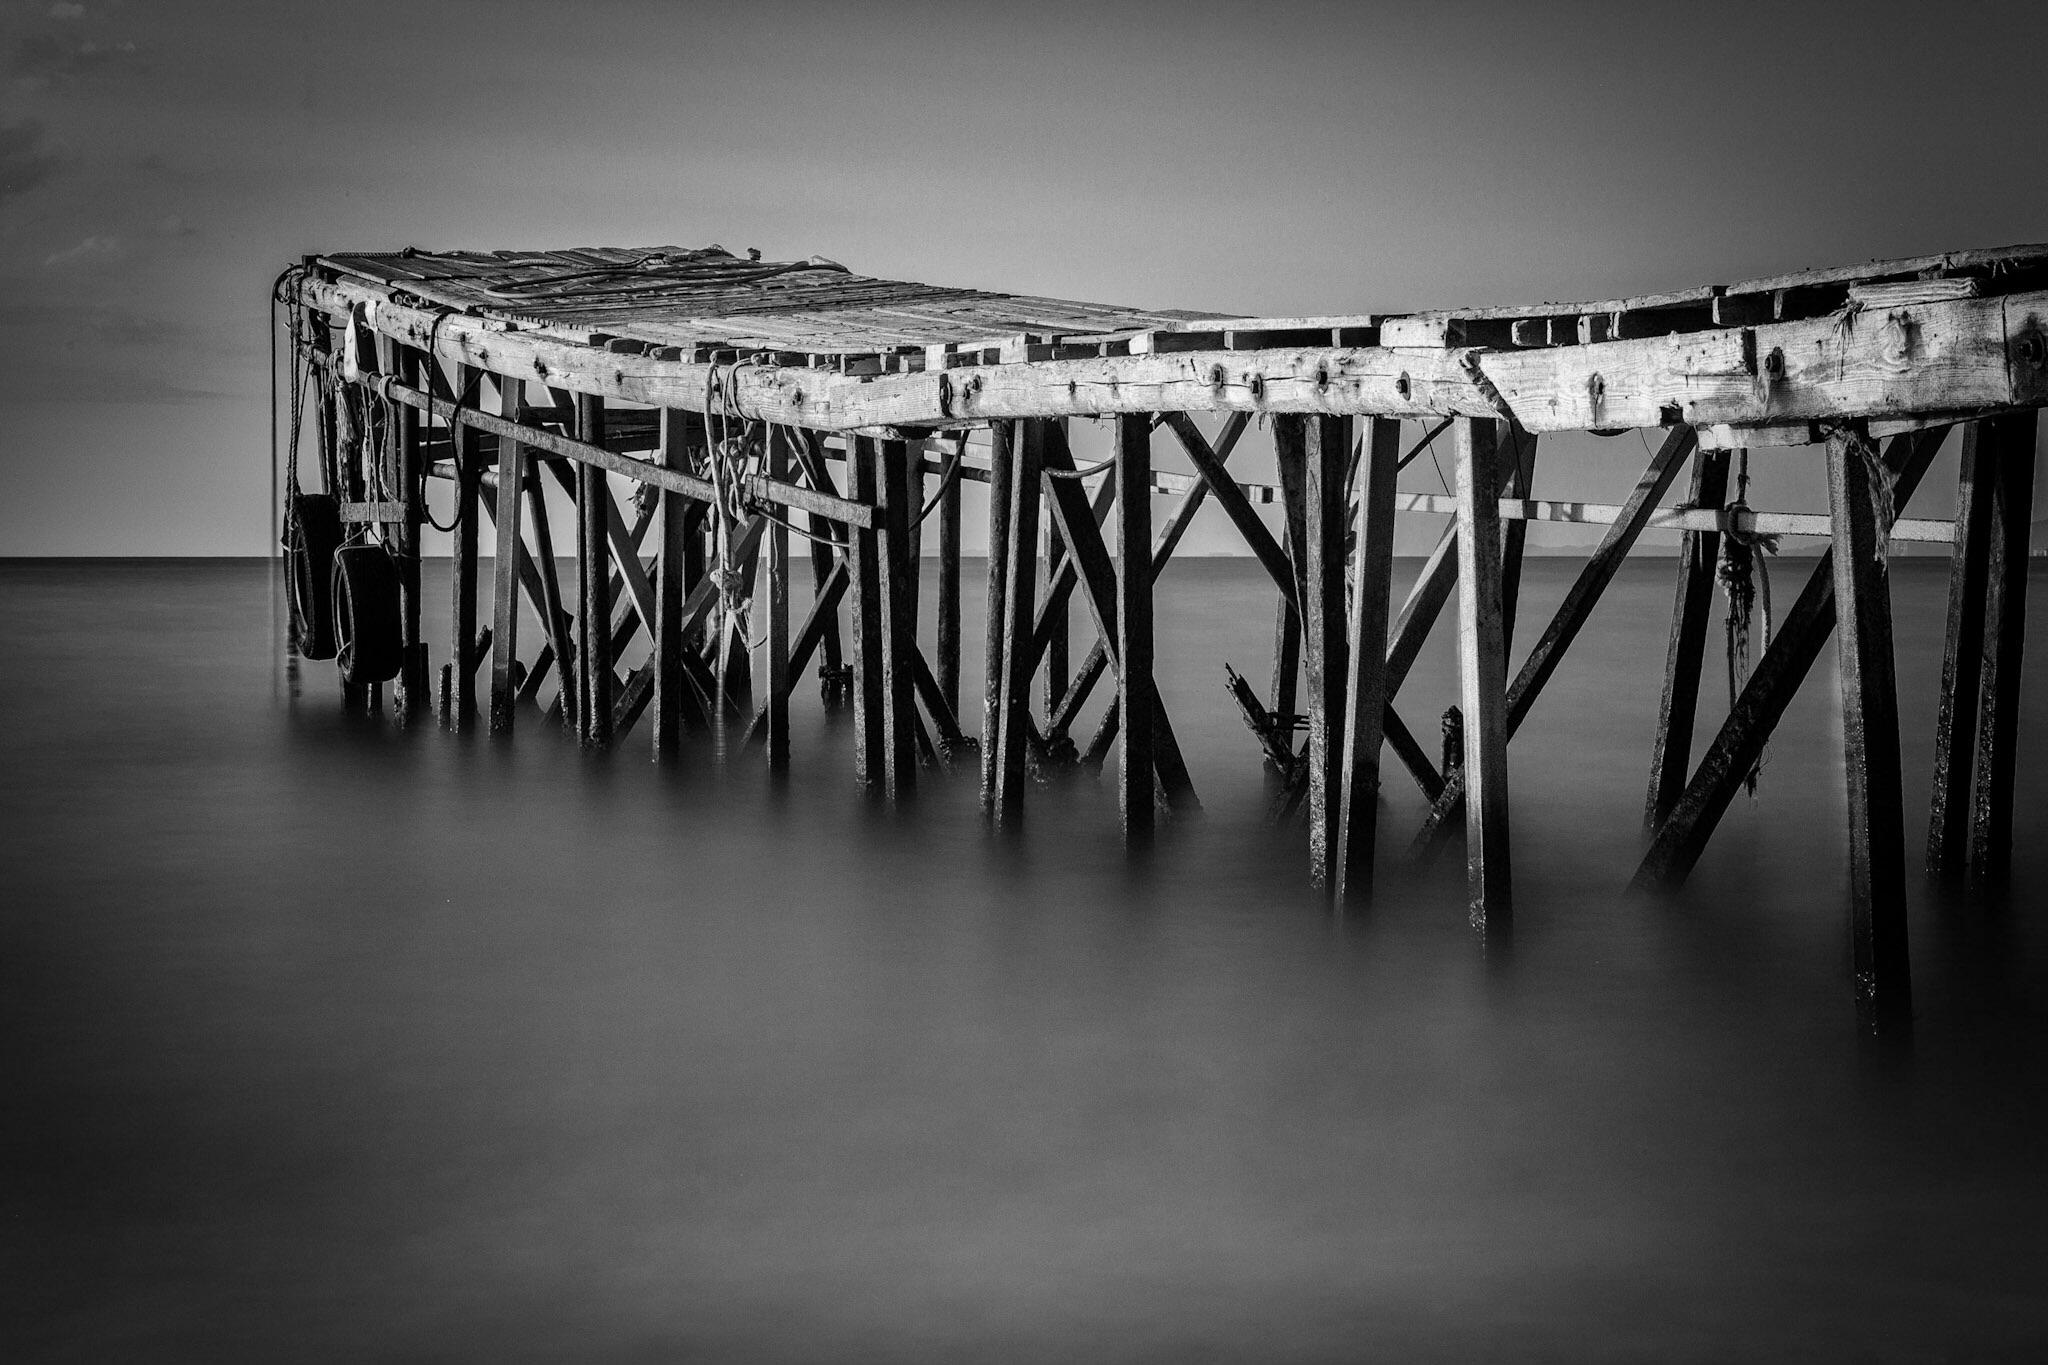 Fine are landscape photography by Rick McEvoy